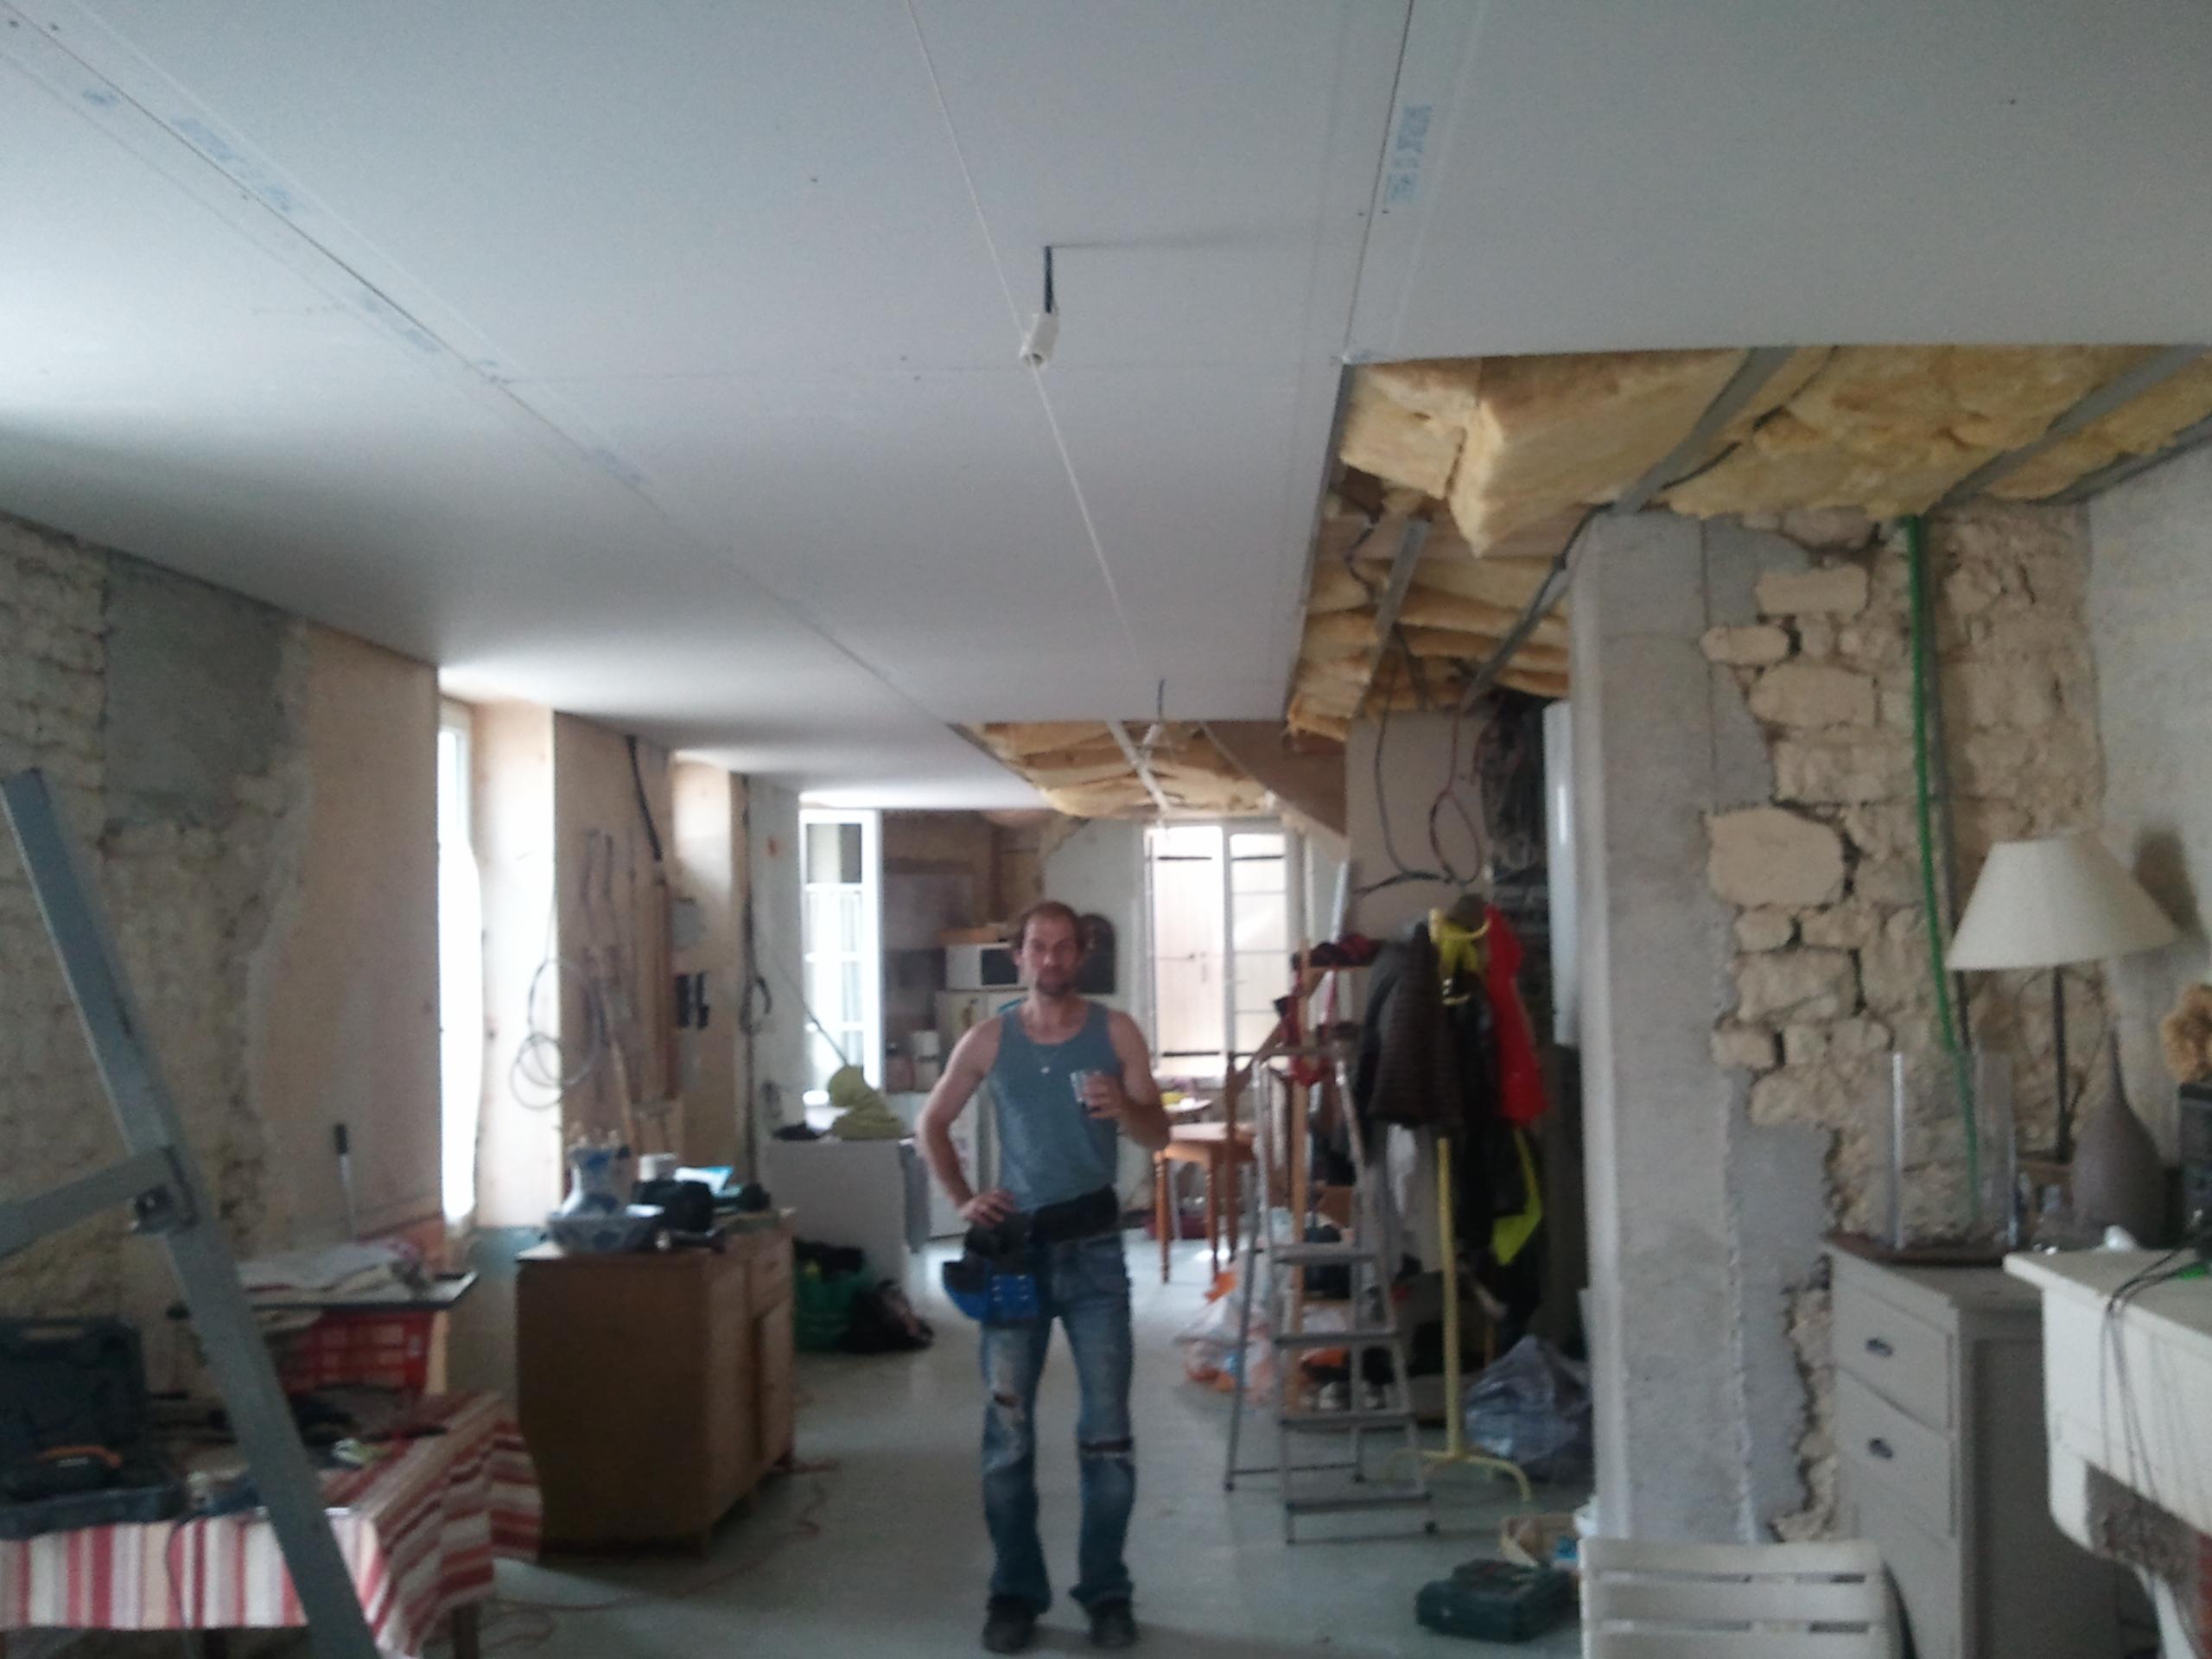 Vasque Salle De Bain Encastrable : salle bain , 2014 Répondre , mars 2014 , mars 2014 Répondre Plan de ...